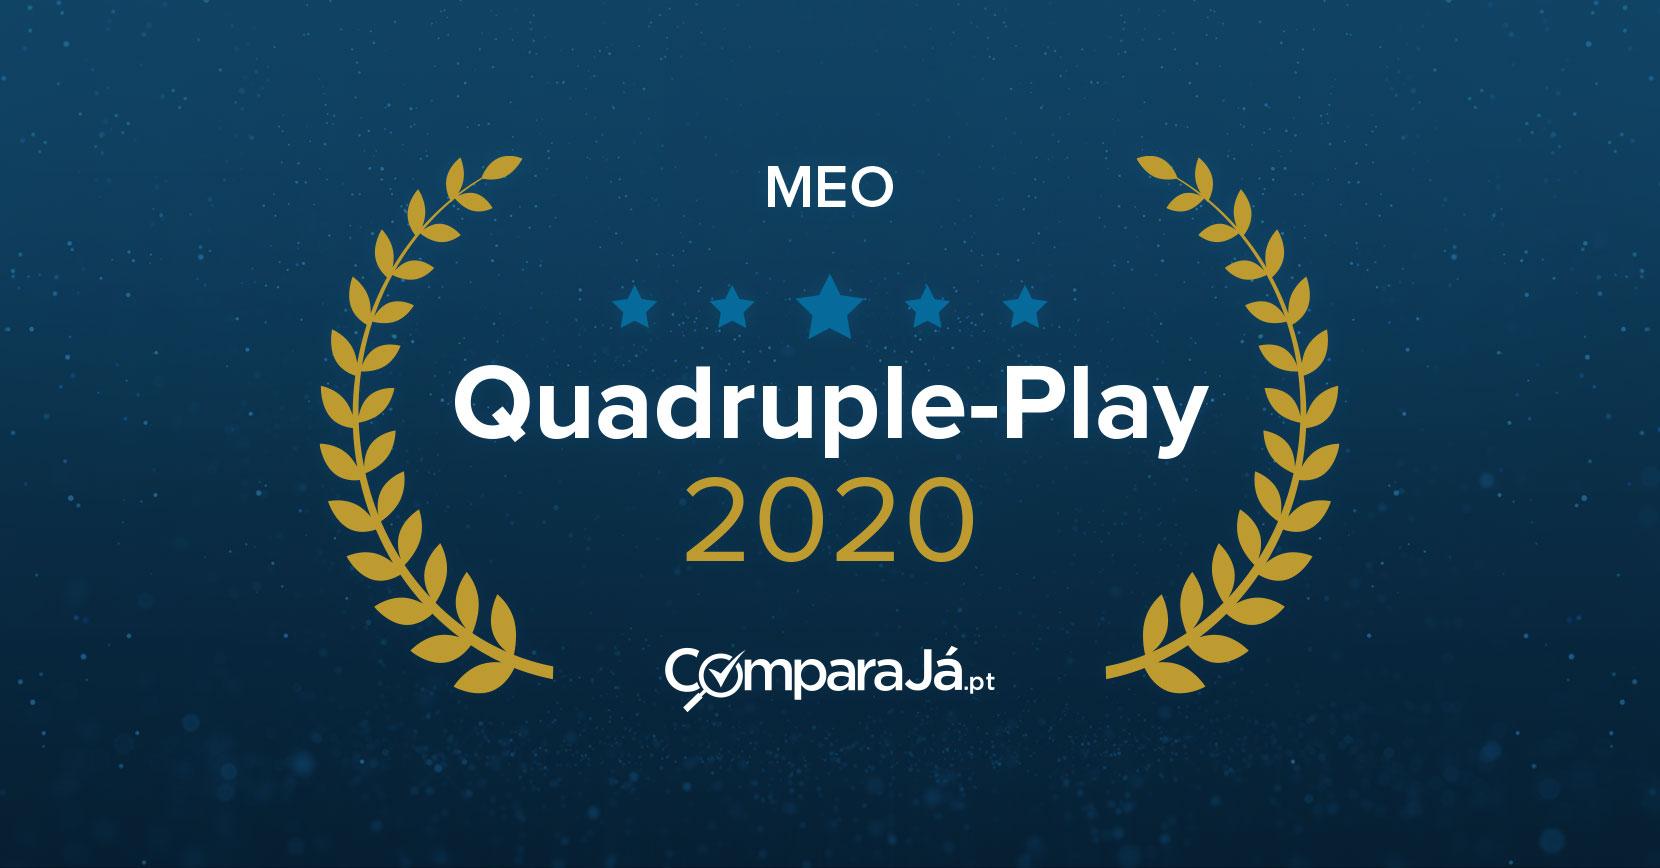 Prémio Quadruple-Play mais competitivo_MEO